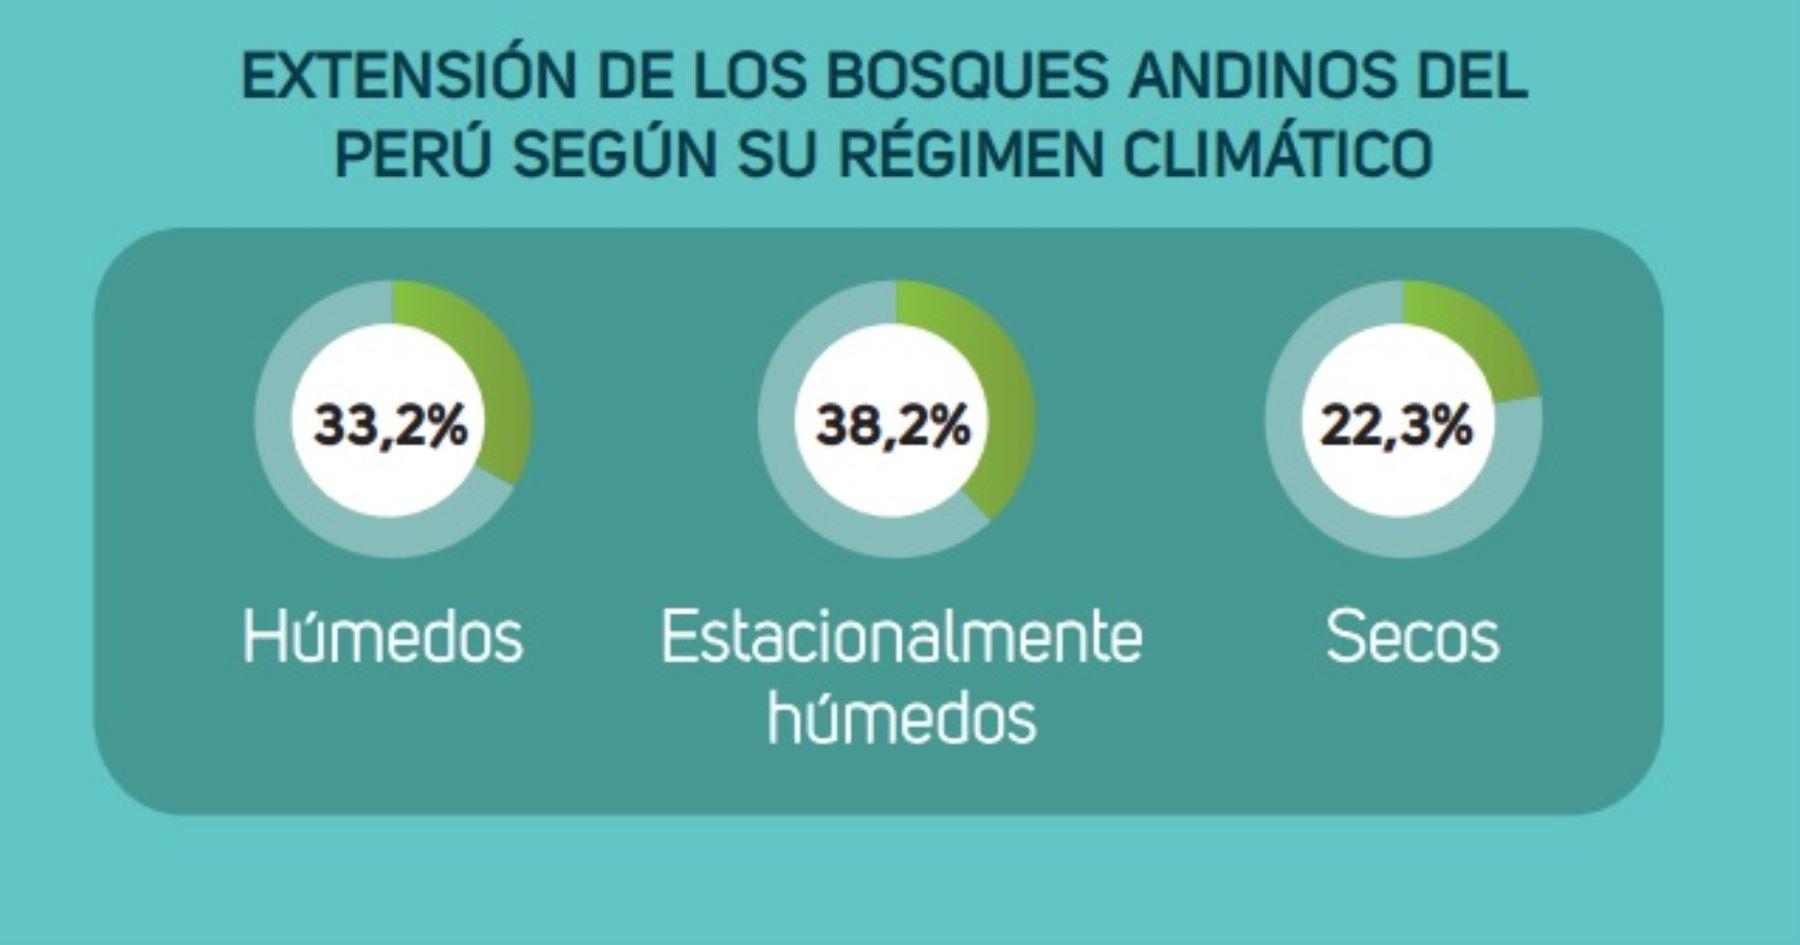 Los bosques andinos en el Perú se clasifican en húmedos (33.2 por ciento), estacionalmente húmedos (38.2 por ciento) y secos (22.3 por ciento).